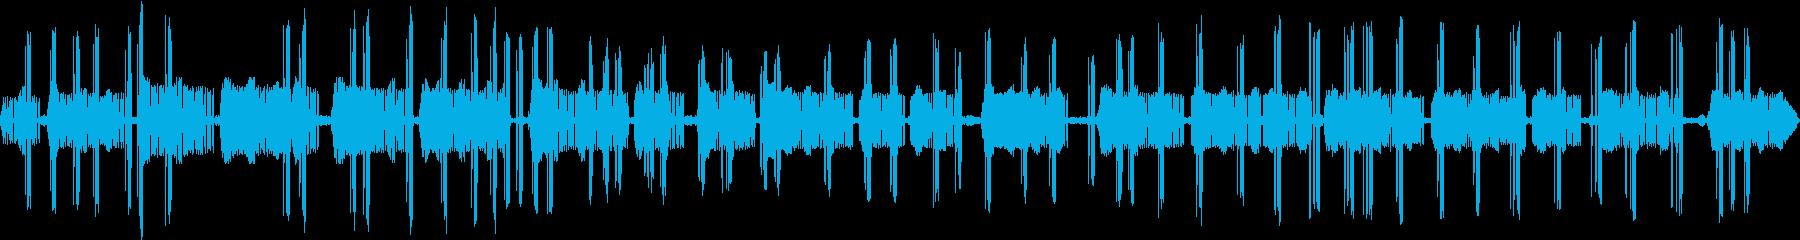 マツムシとコオロギの鳴き声 ピッ・ピリリの再生済みの波形